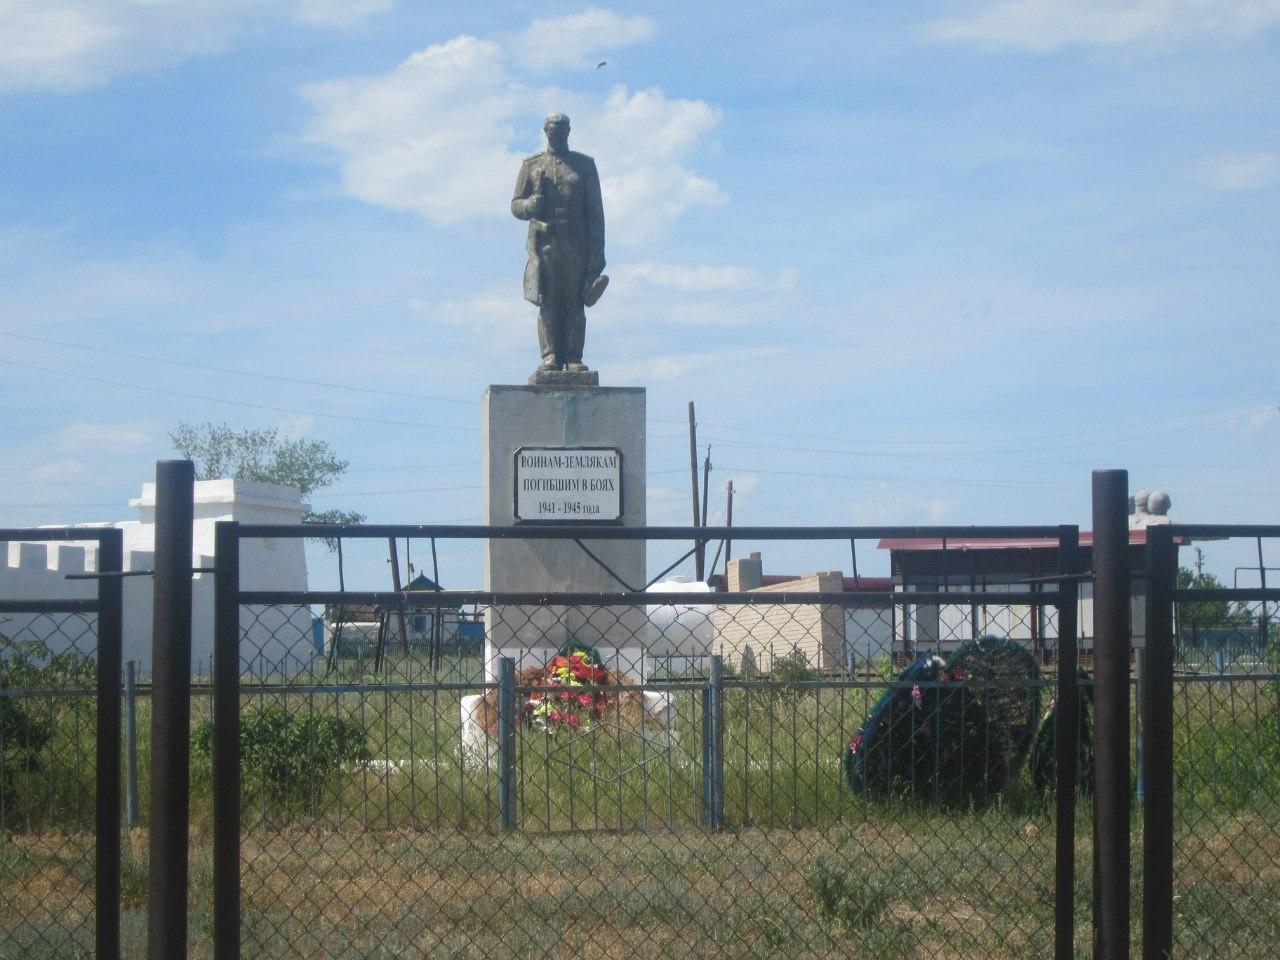 За крепостью имеется памятник павшим в Великой Отечественной Войне. (25.06.2013)